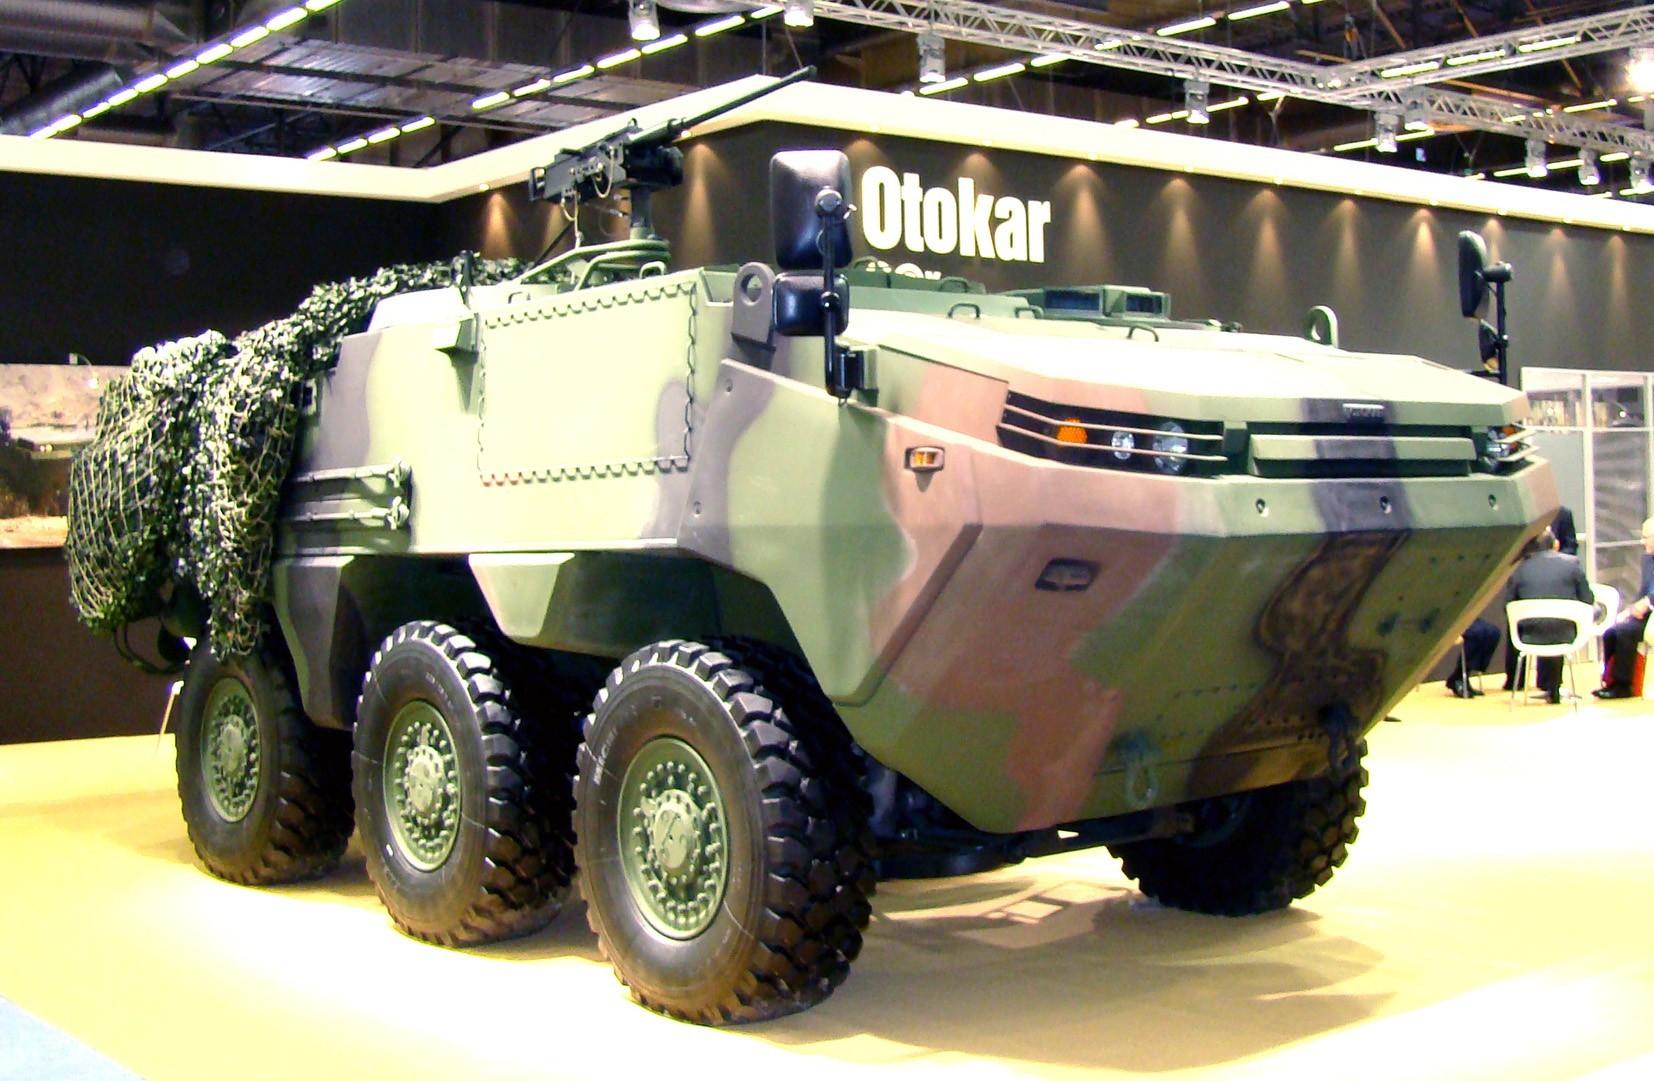 Пулеметная бронемашина Otokar Arma на трехосном модульном шасси